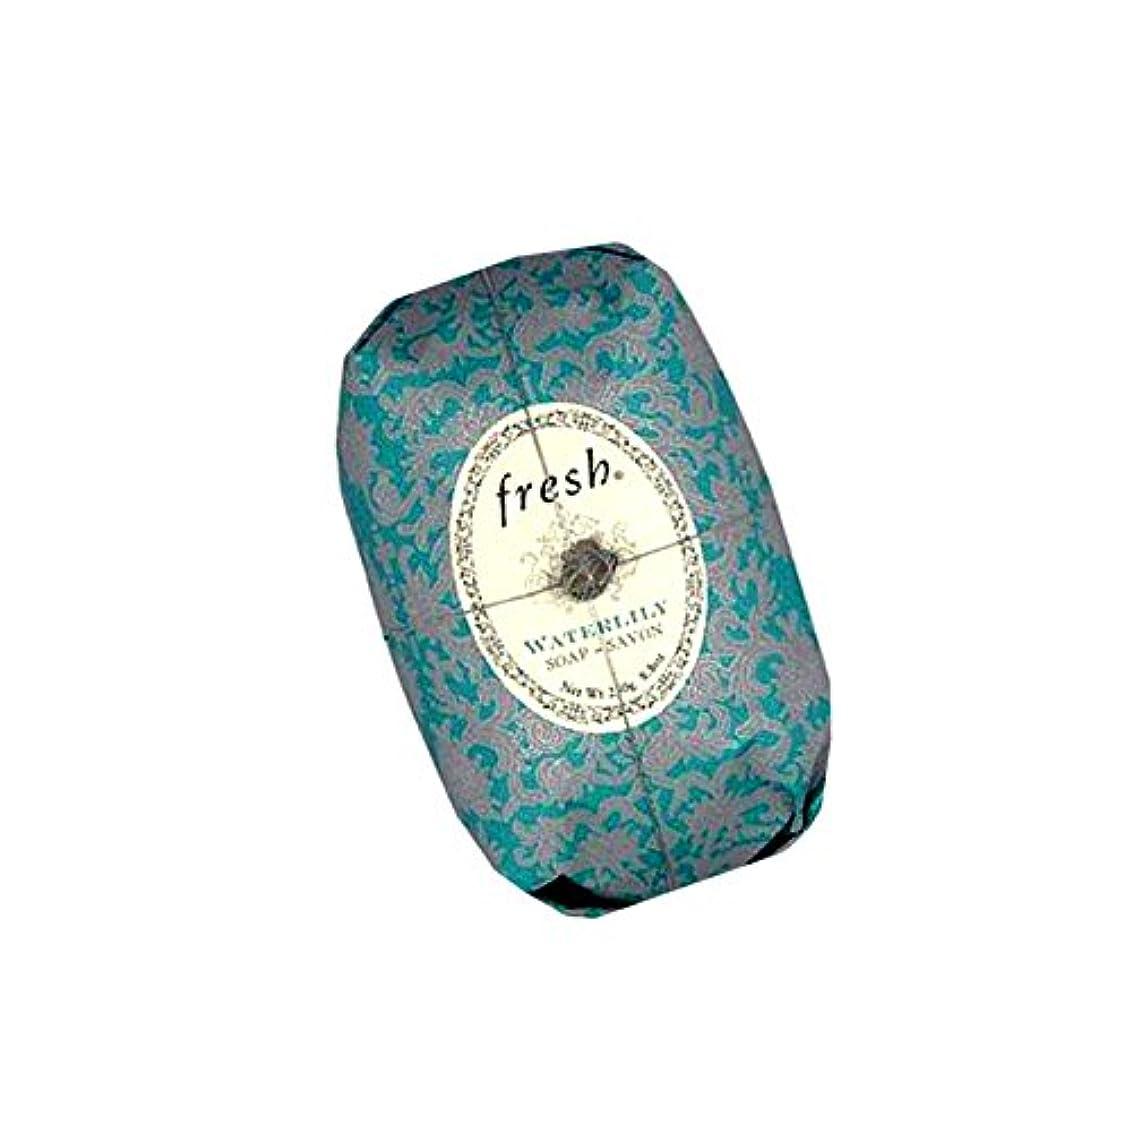 自殺神社ひそかにFresh フレッシュ Waterlily Soap 石鹸, 250g/8.8oz. [海外直送品] [並行輸入品]